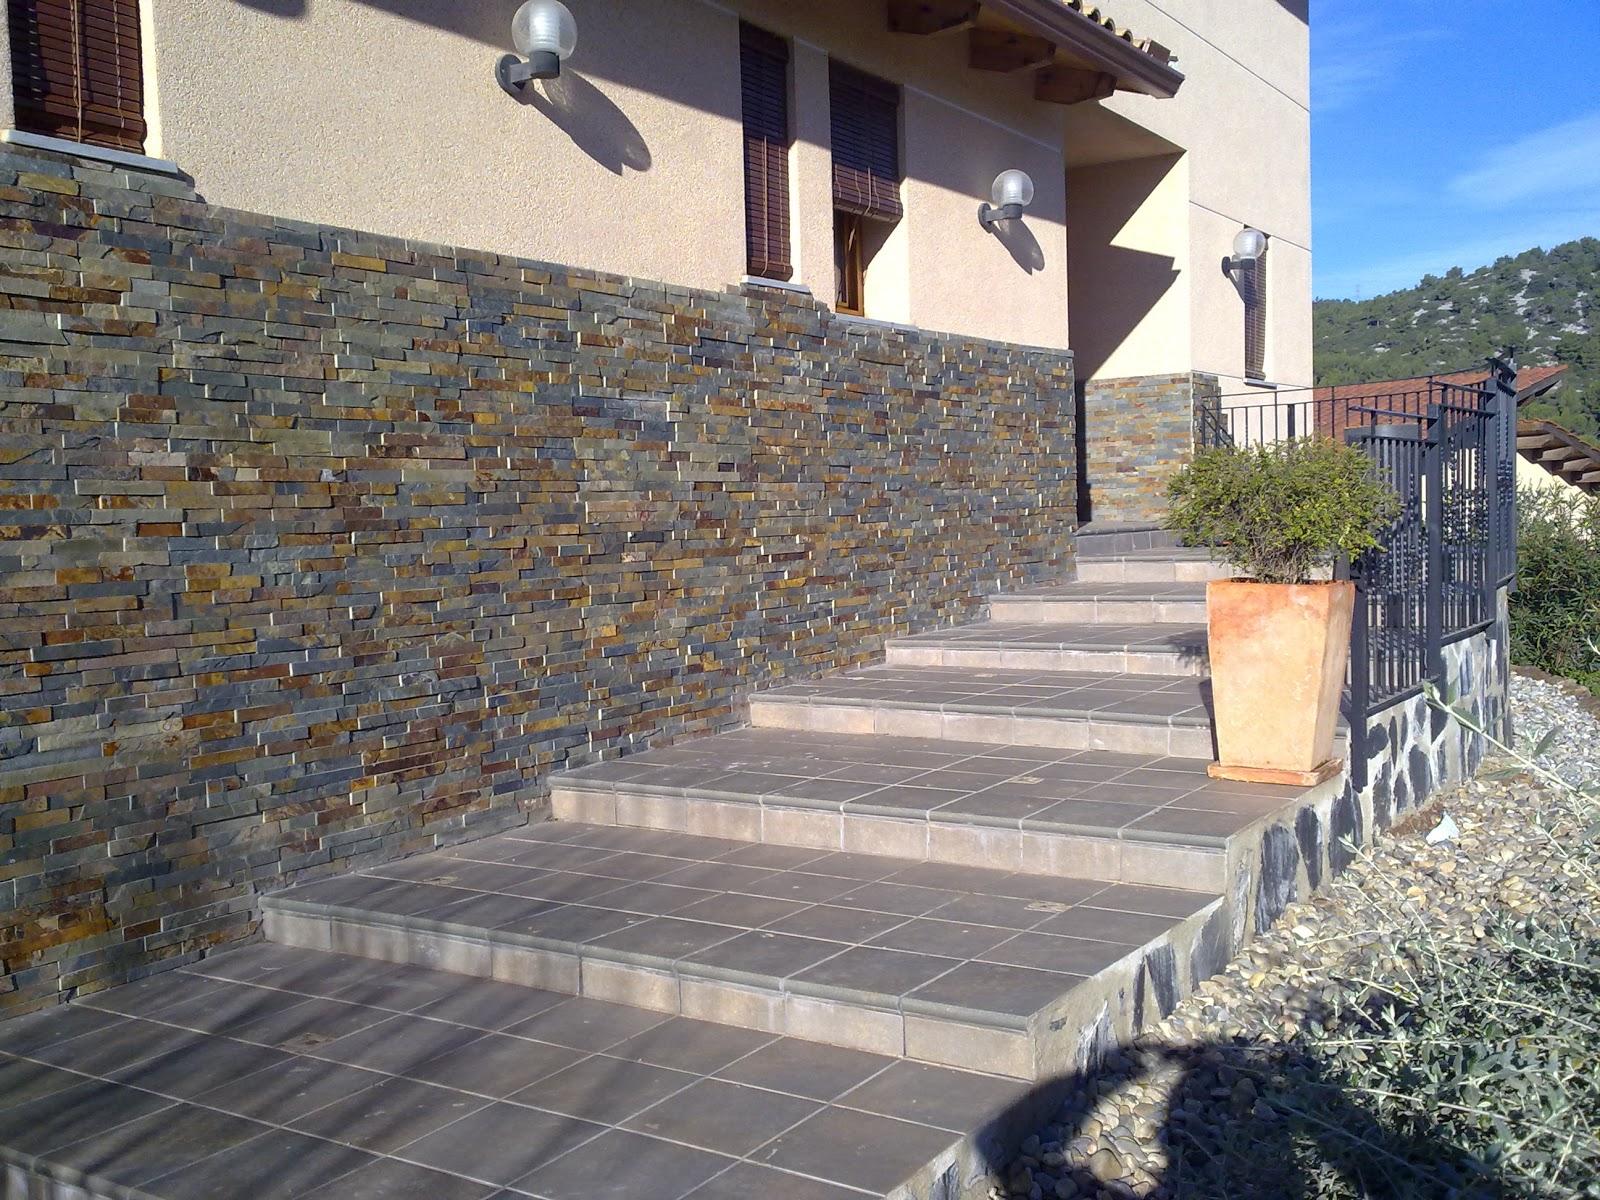 construccin de escaleras en exteriores con en gres colocacion de piedra natural y artificial en fachada diseos de jardineria